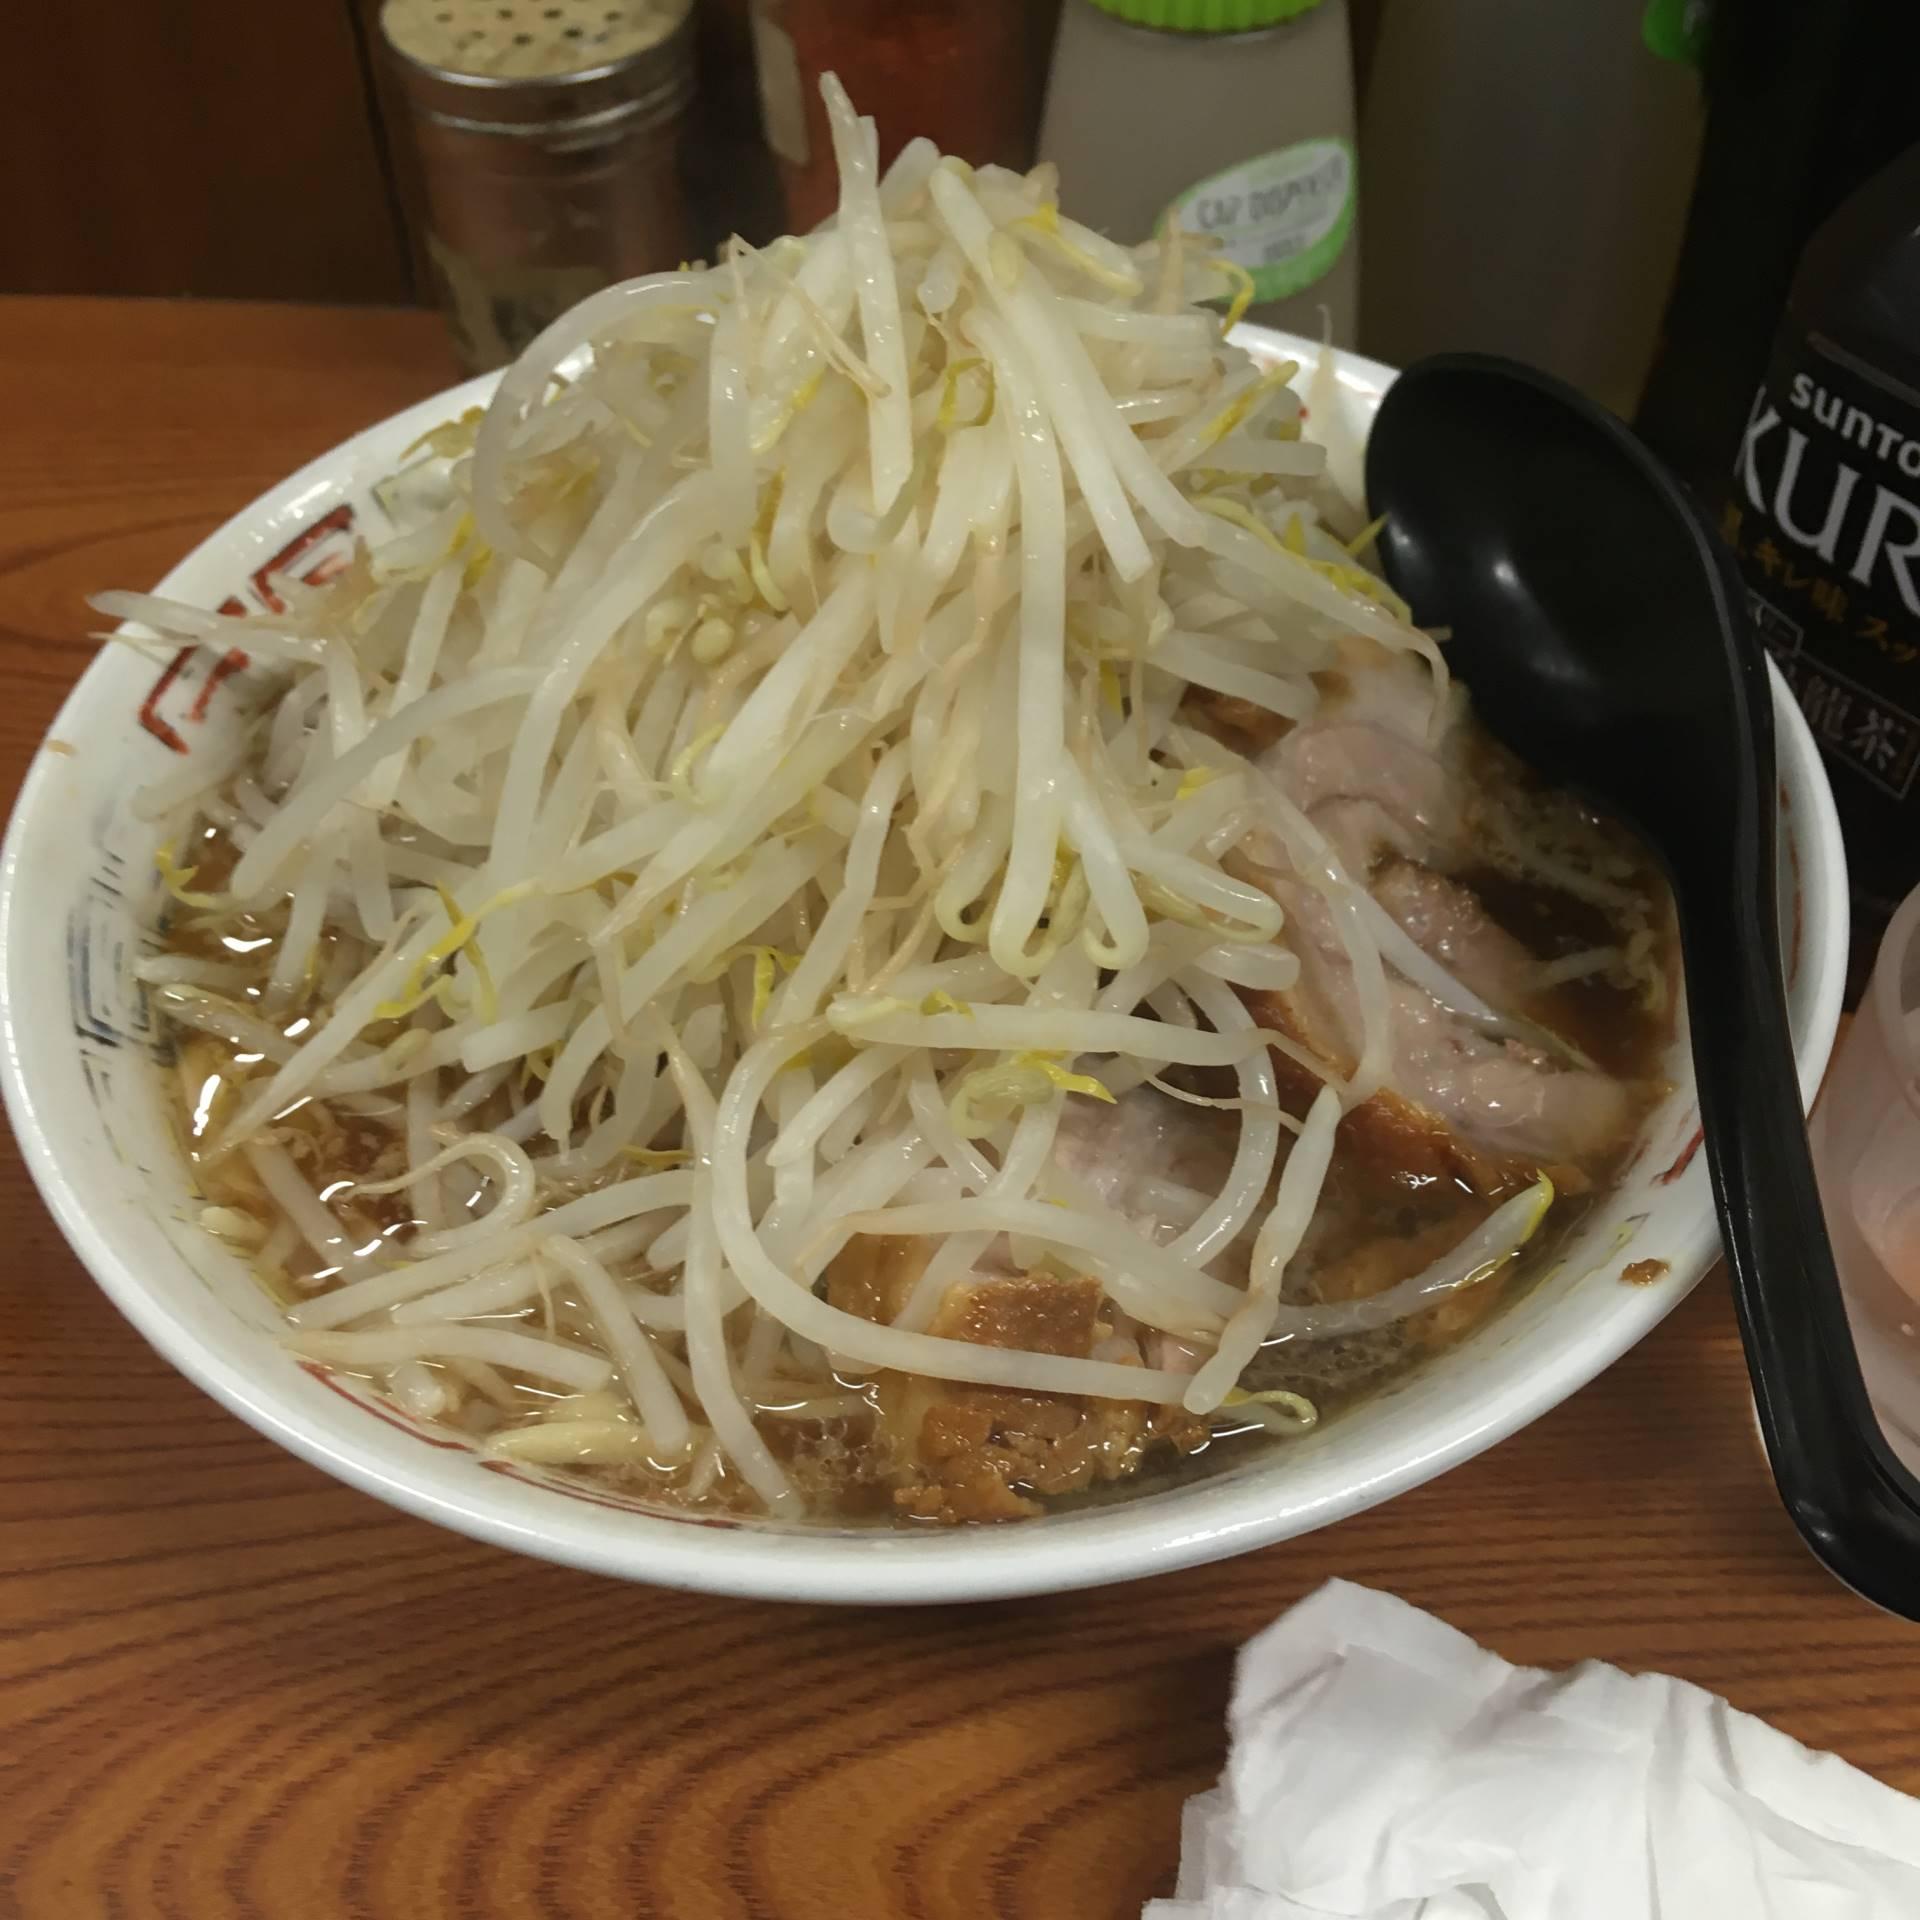 ラーメン二郎亀戸店 21回目ラーメン730円「麺少なめ・硬め」 「野菜マシニンニク」